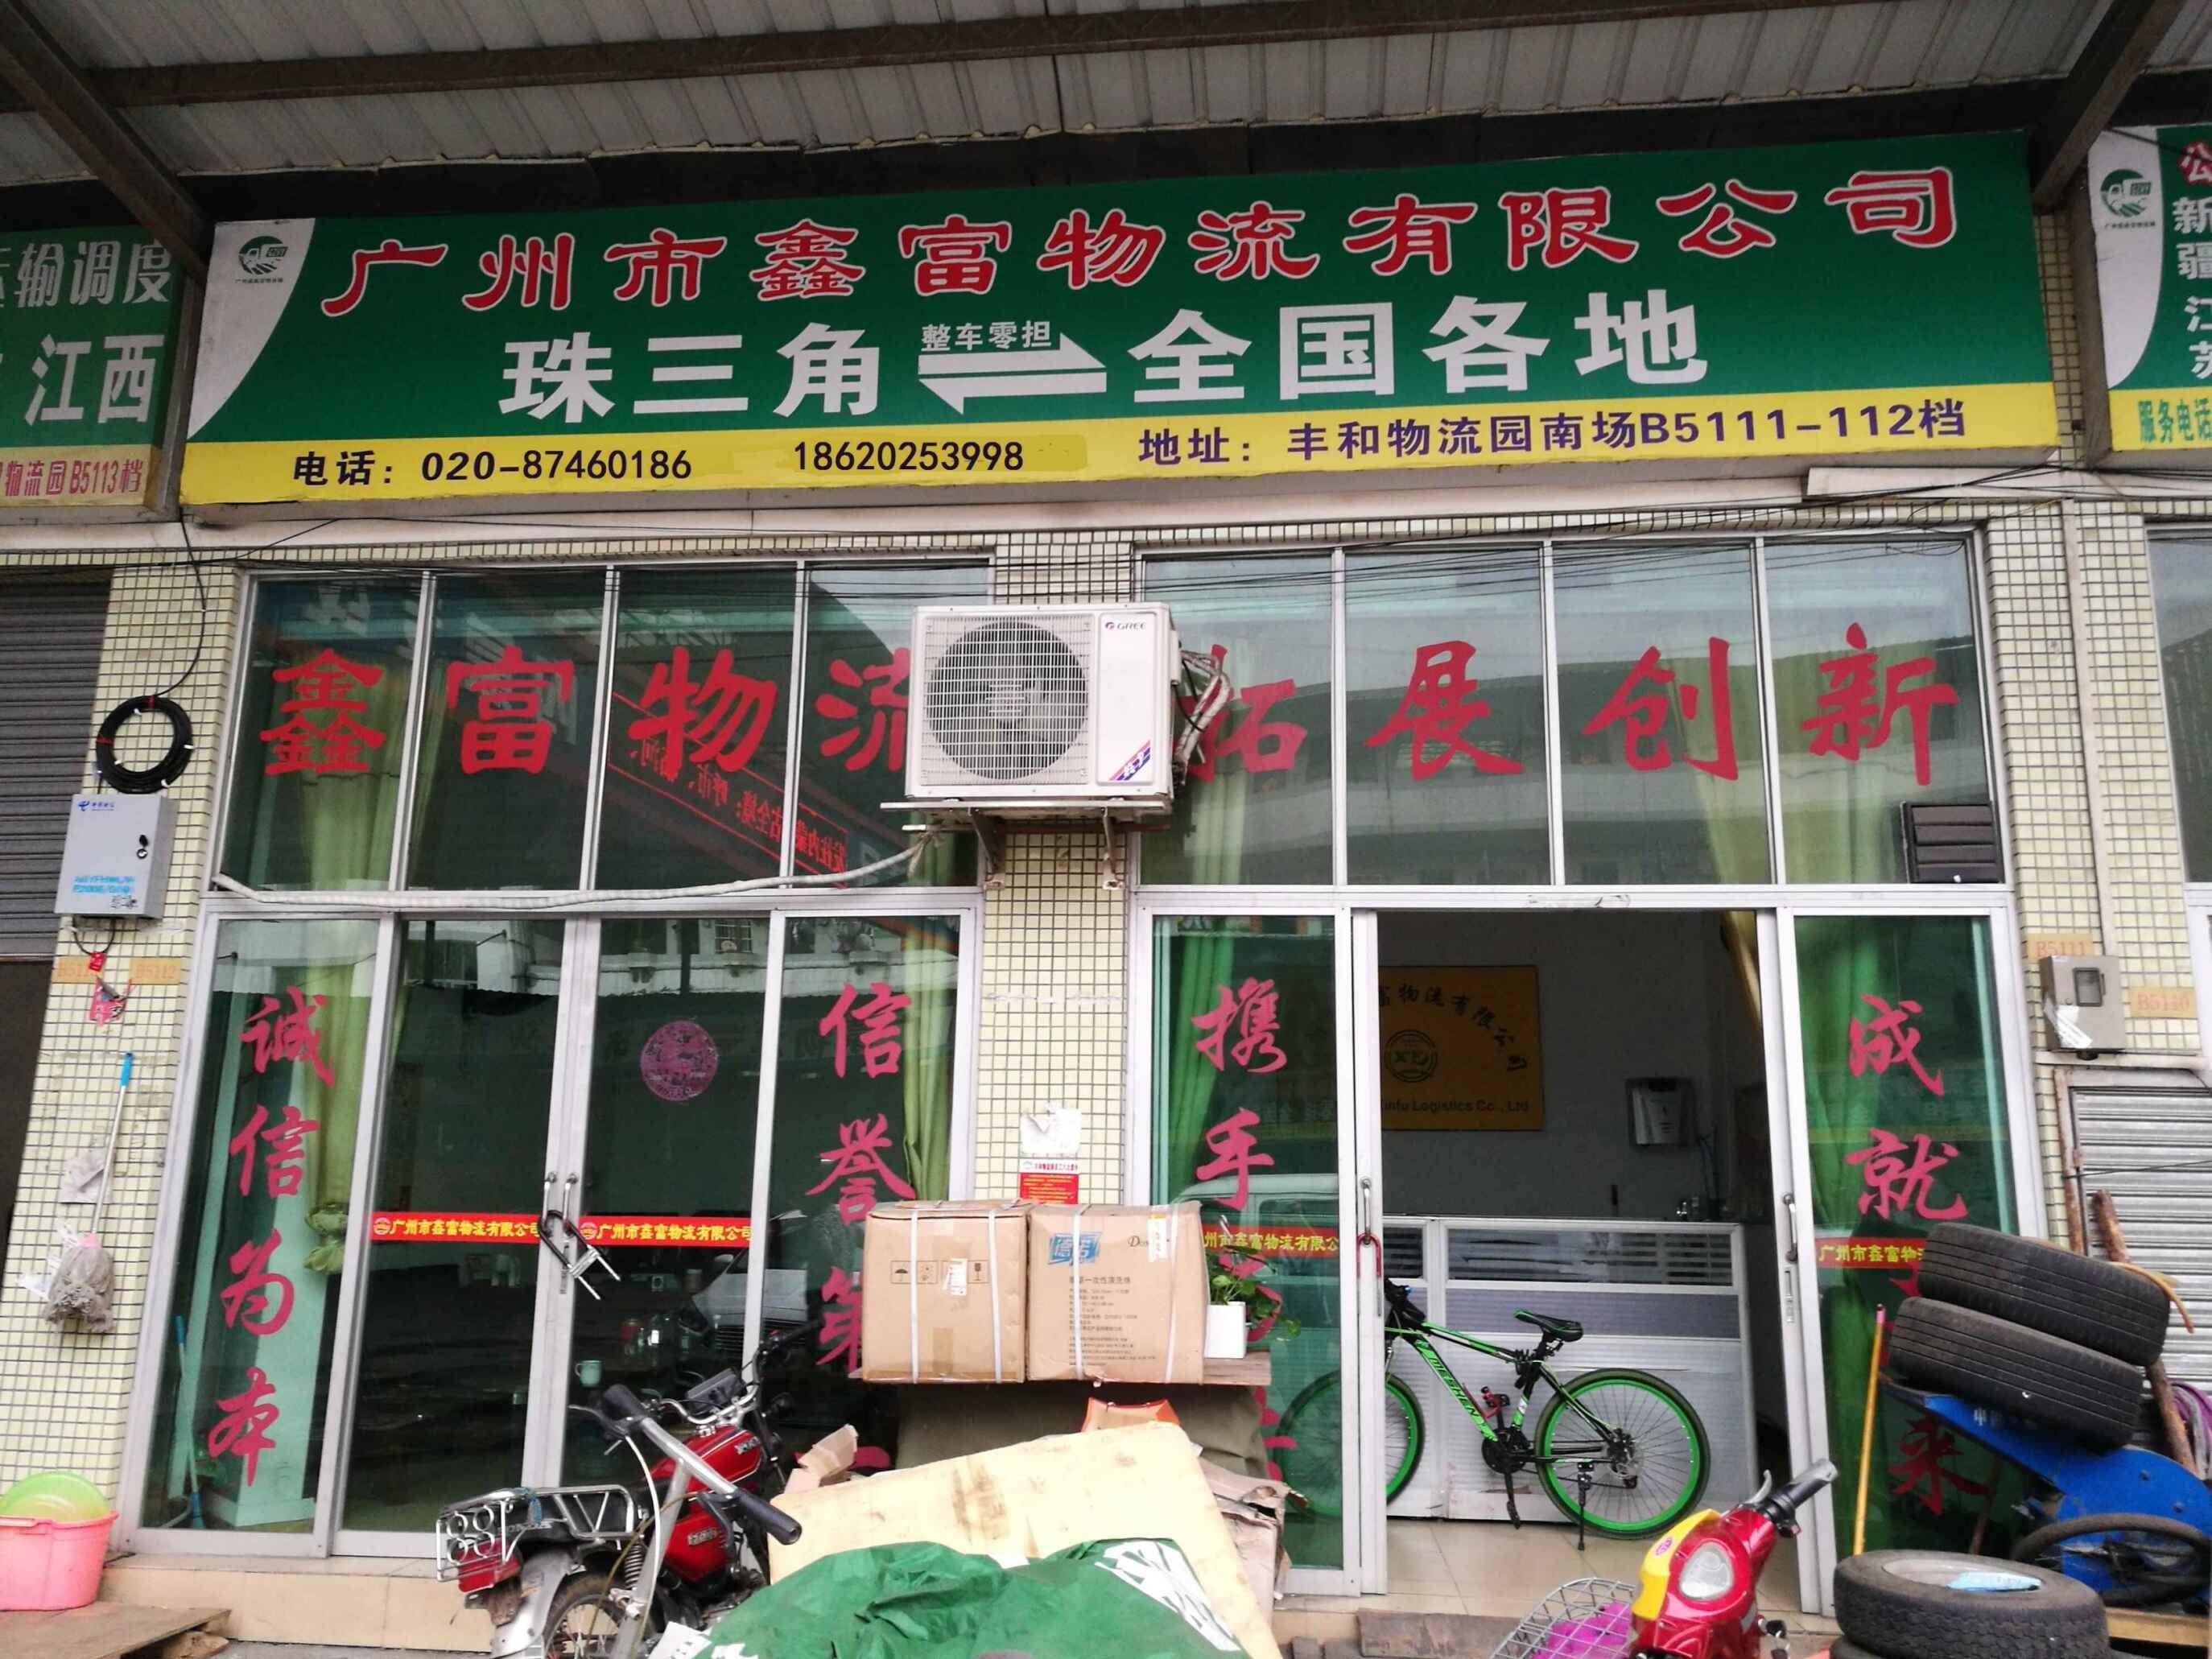 广州到杭州物流专线(广州顺发物流服务部)